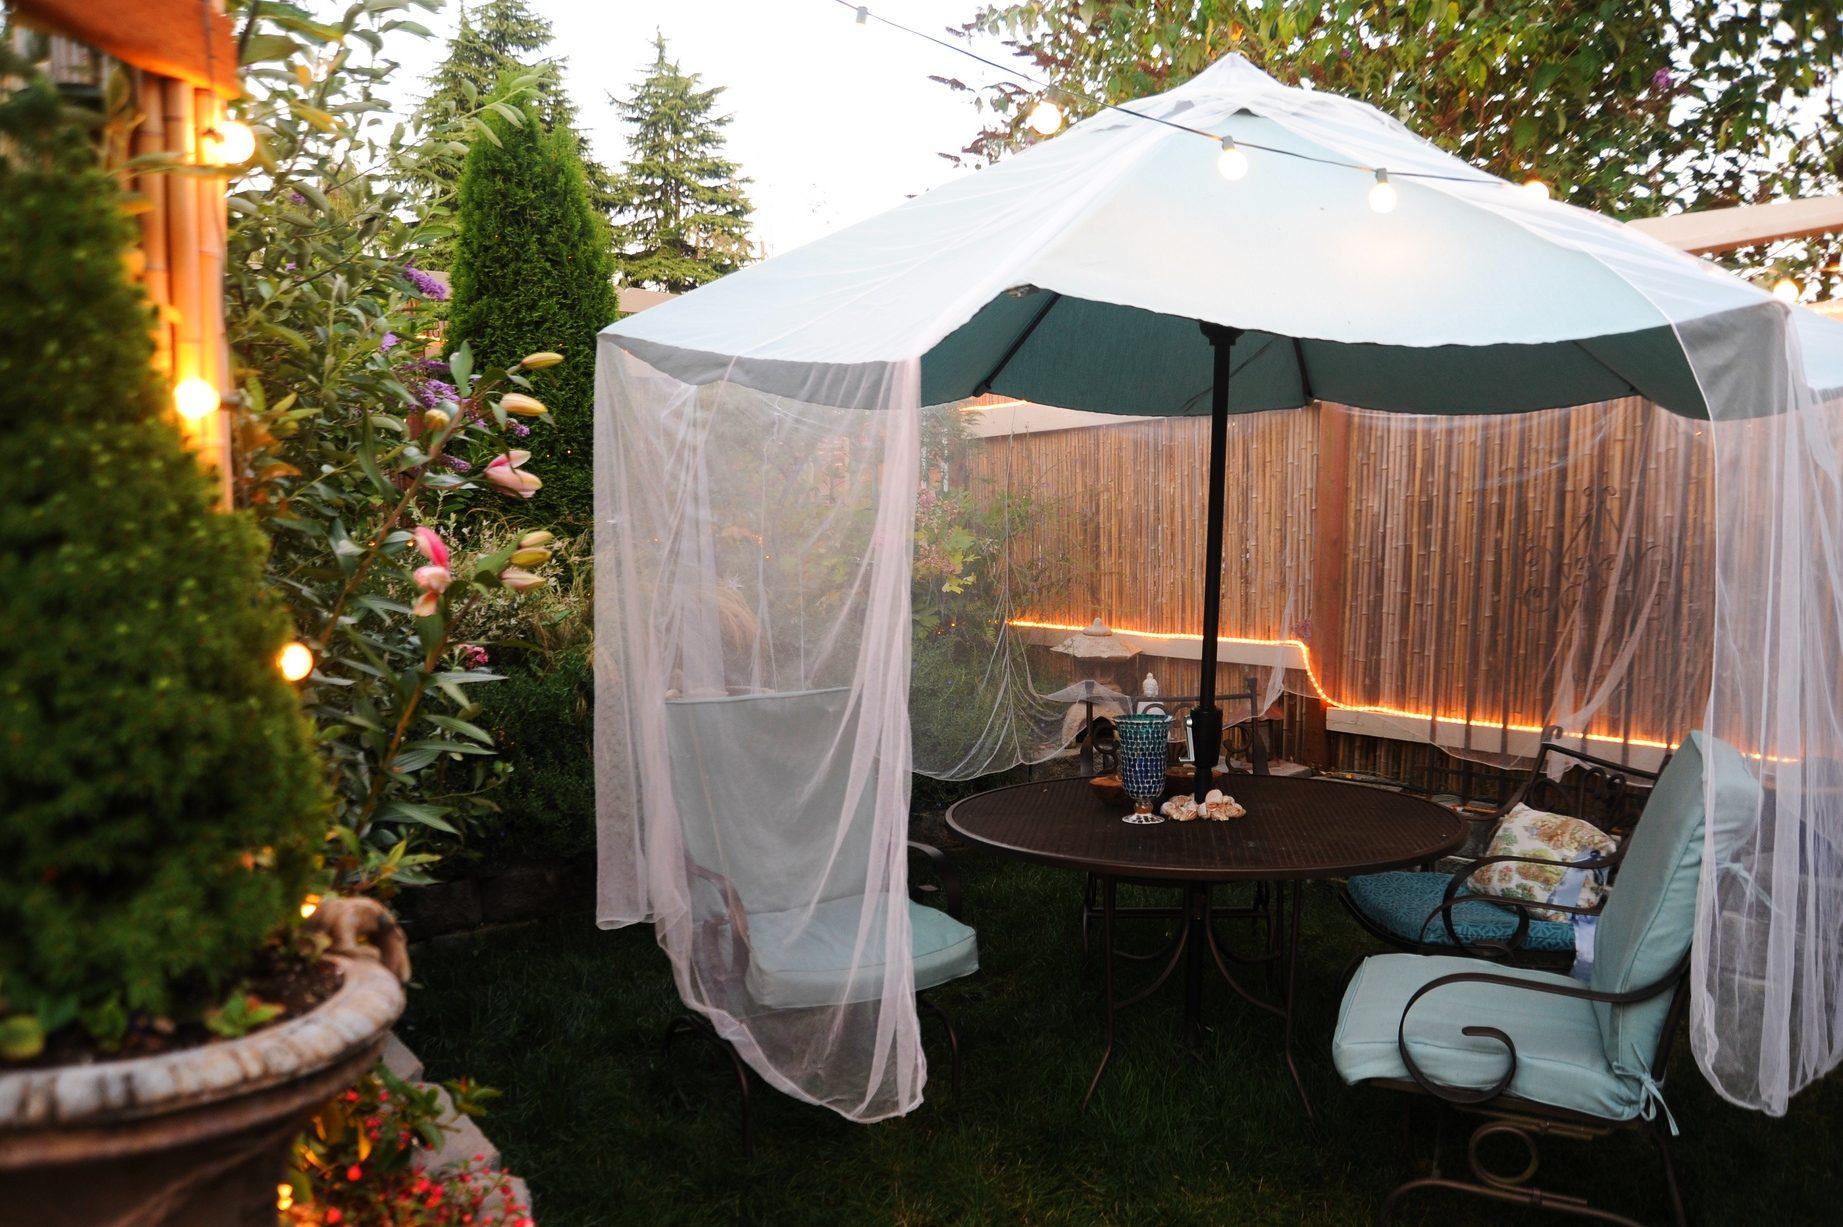 Migliori ombrelloni da giardino classifica 2019 opinioni for Giardino offerte